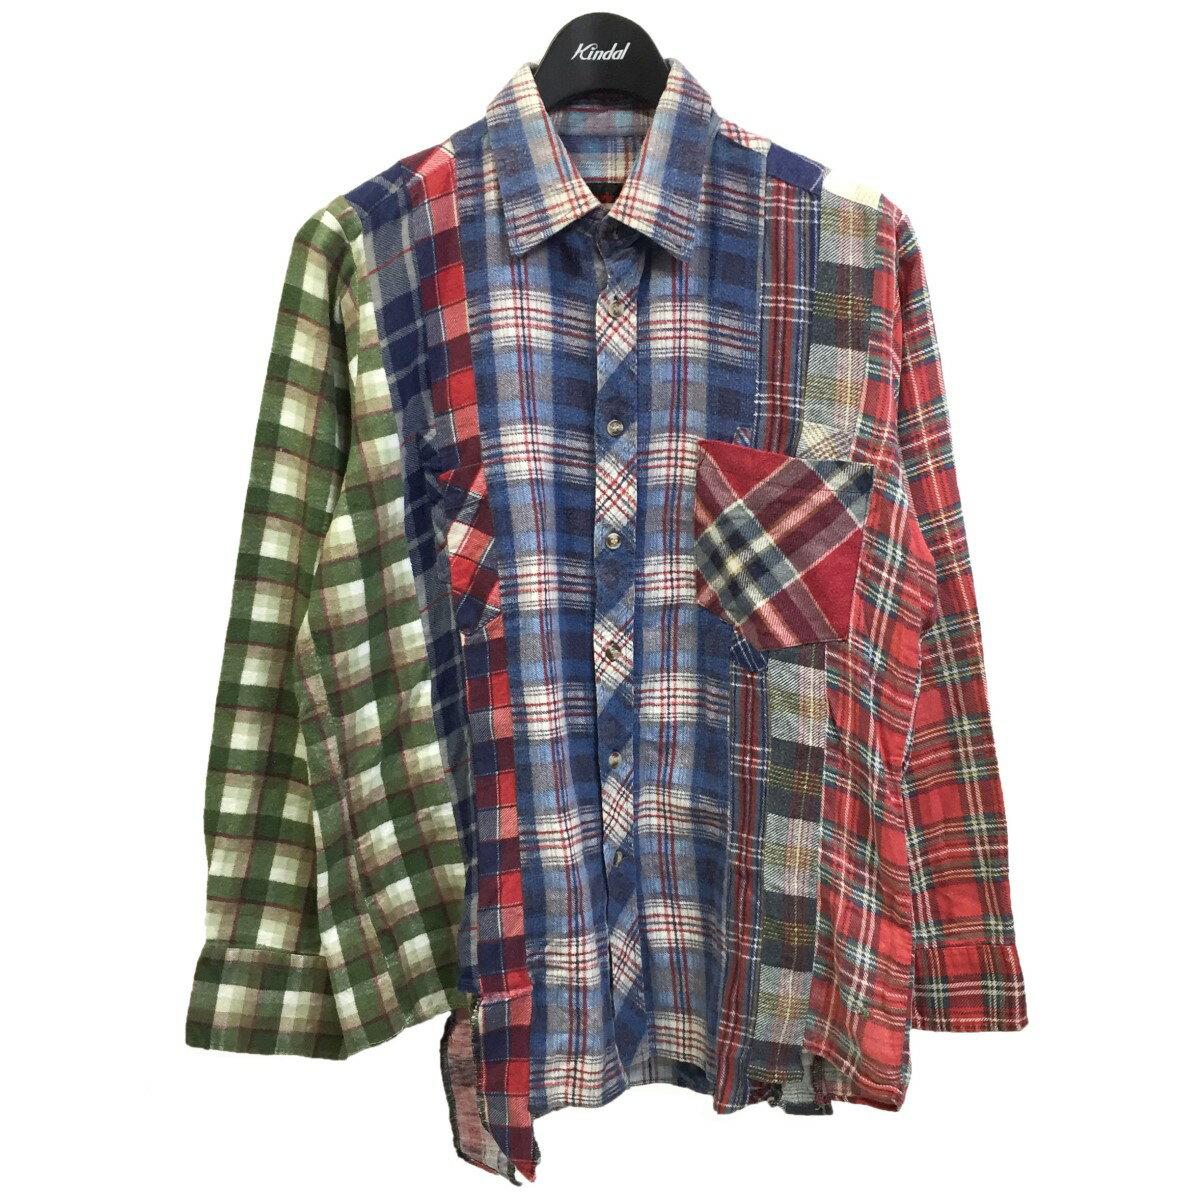 トップス, カジュアルシャツ Rebuild by Needles 7 cut Flannel Shirt XS 130721